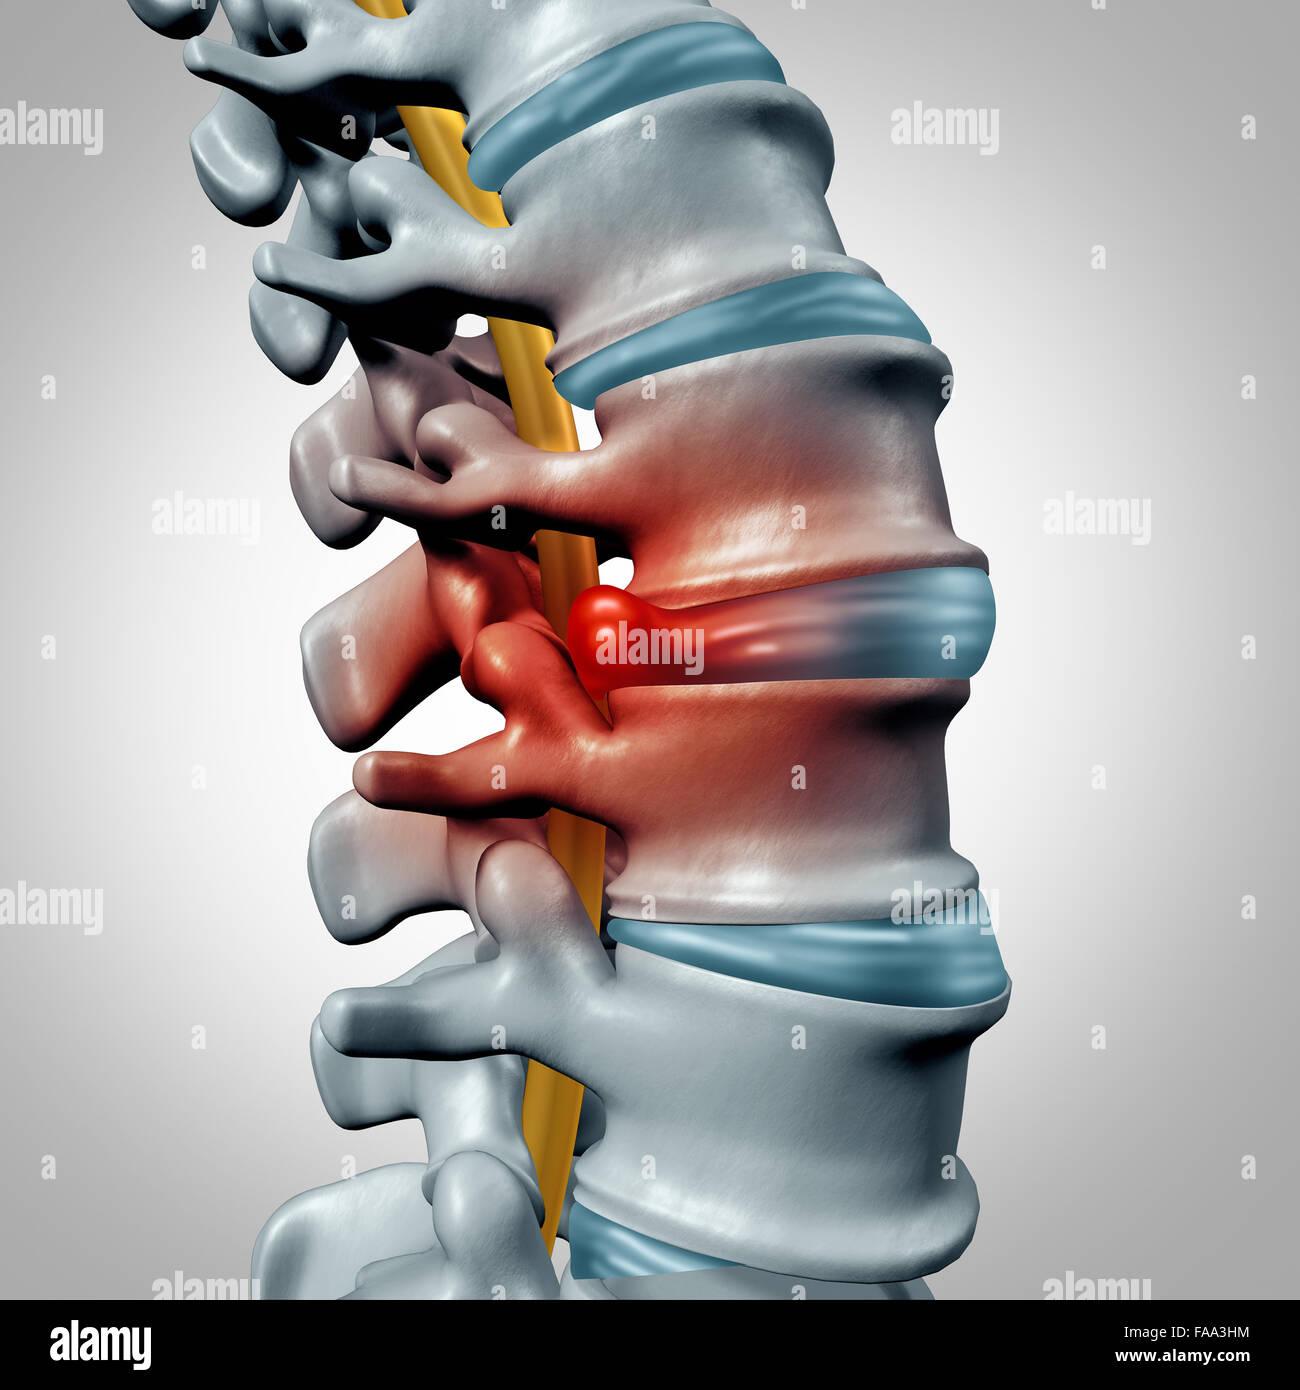 Hernie discale: concept et la douleur de la colonne vertébrale humaine de diagnostic comme un symbole Photo Stock